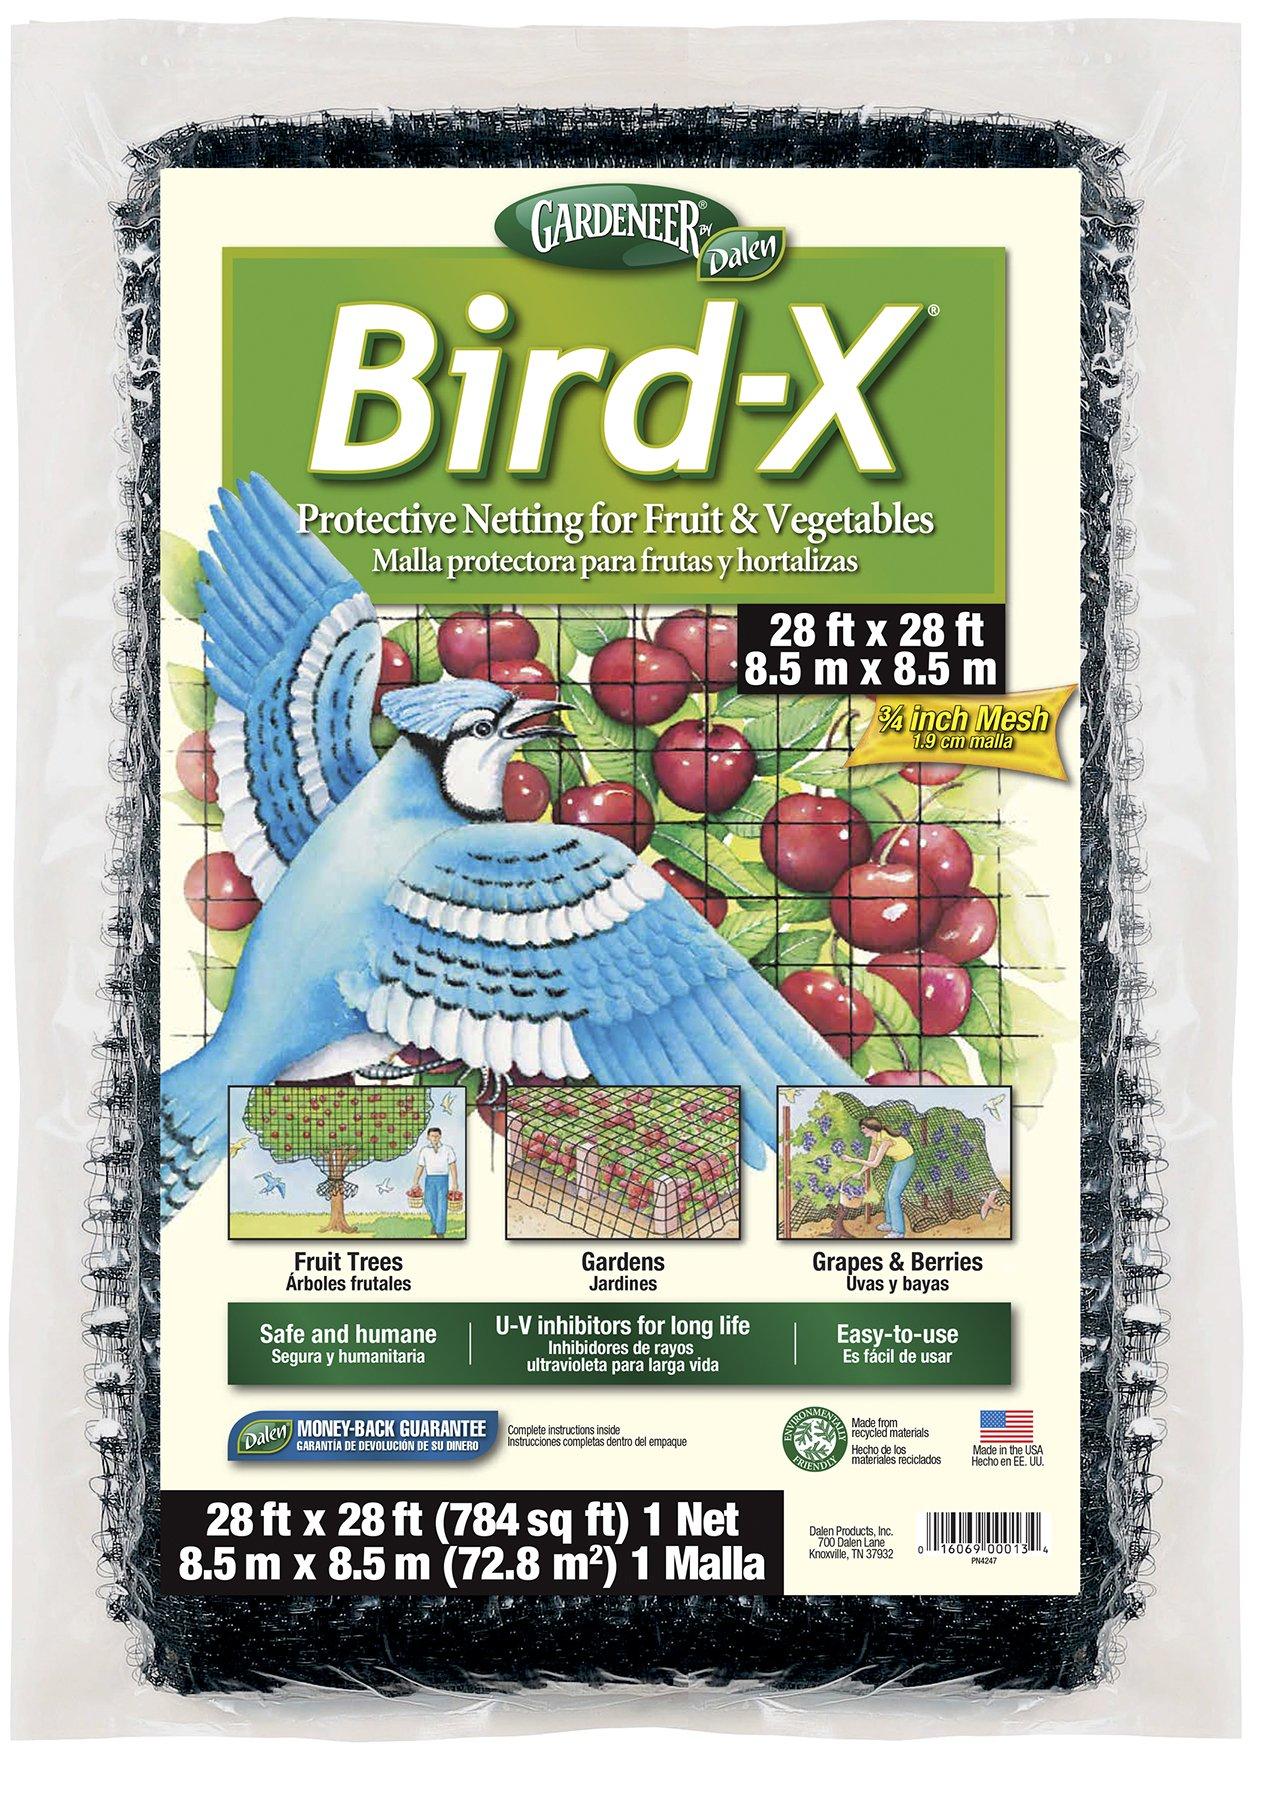 Dalen BN-3 Gardeneer Bird-X Protective Netting 28' x 28' (1 Pack) (100055857)